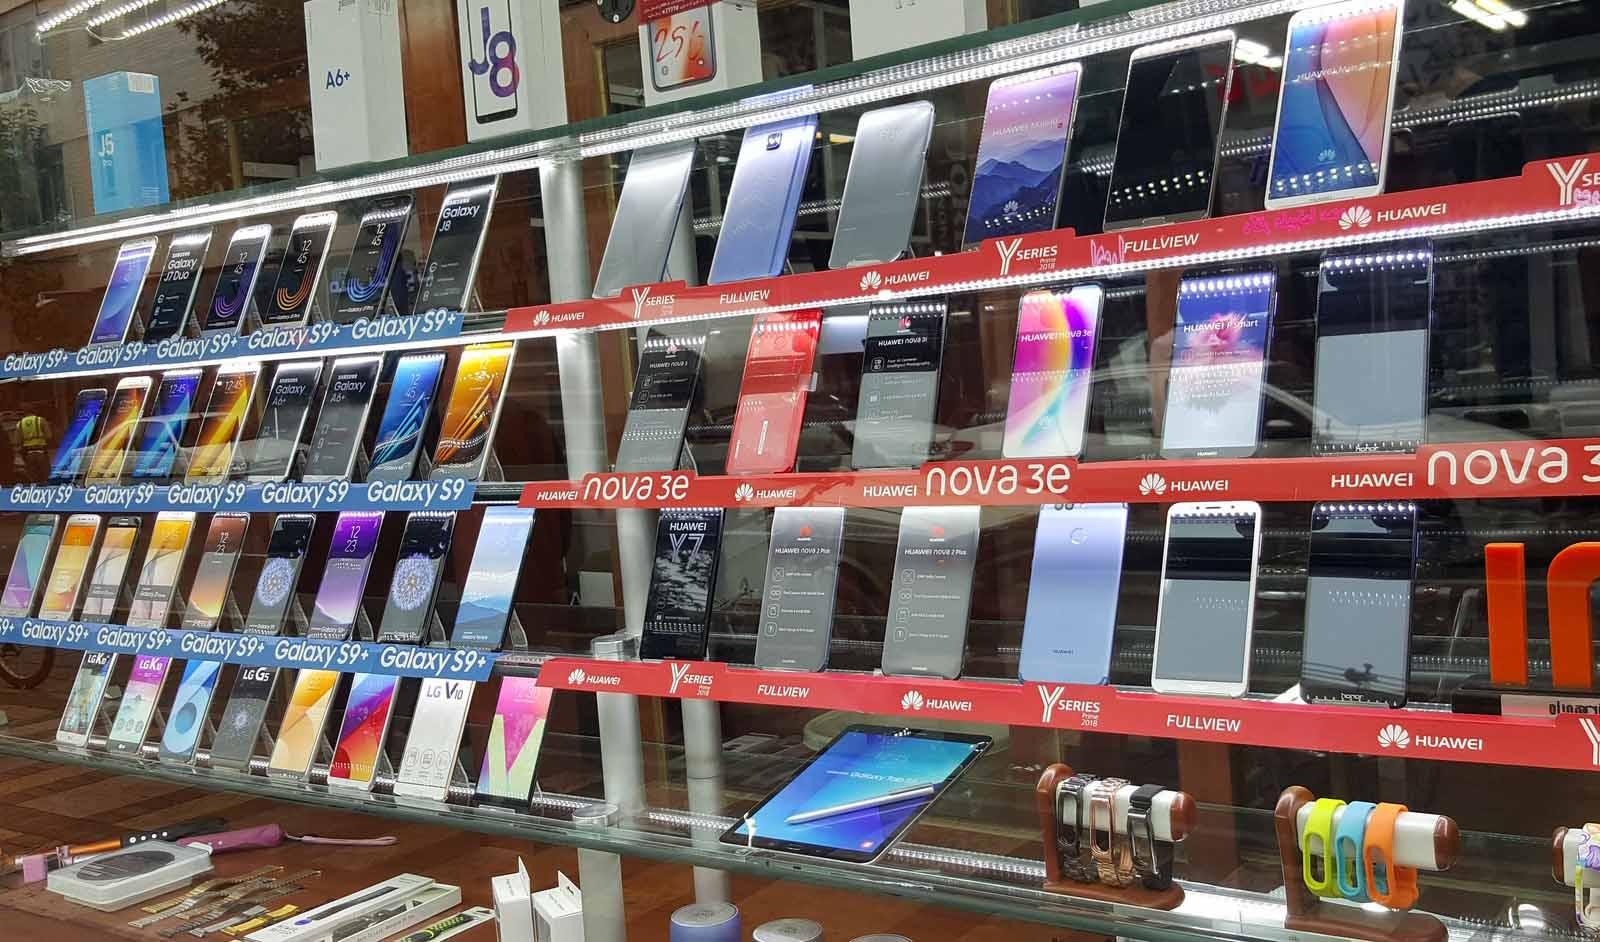 ریزش نرخ در بازار موبایل آغاز شد/اعلام آخرین قیمتها